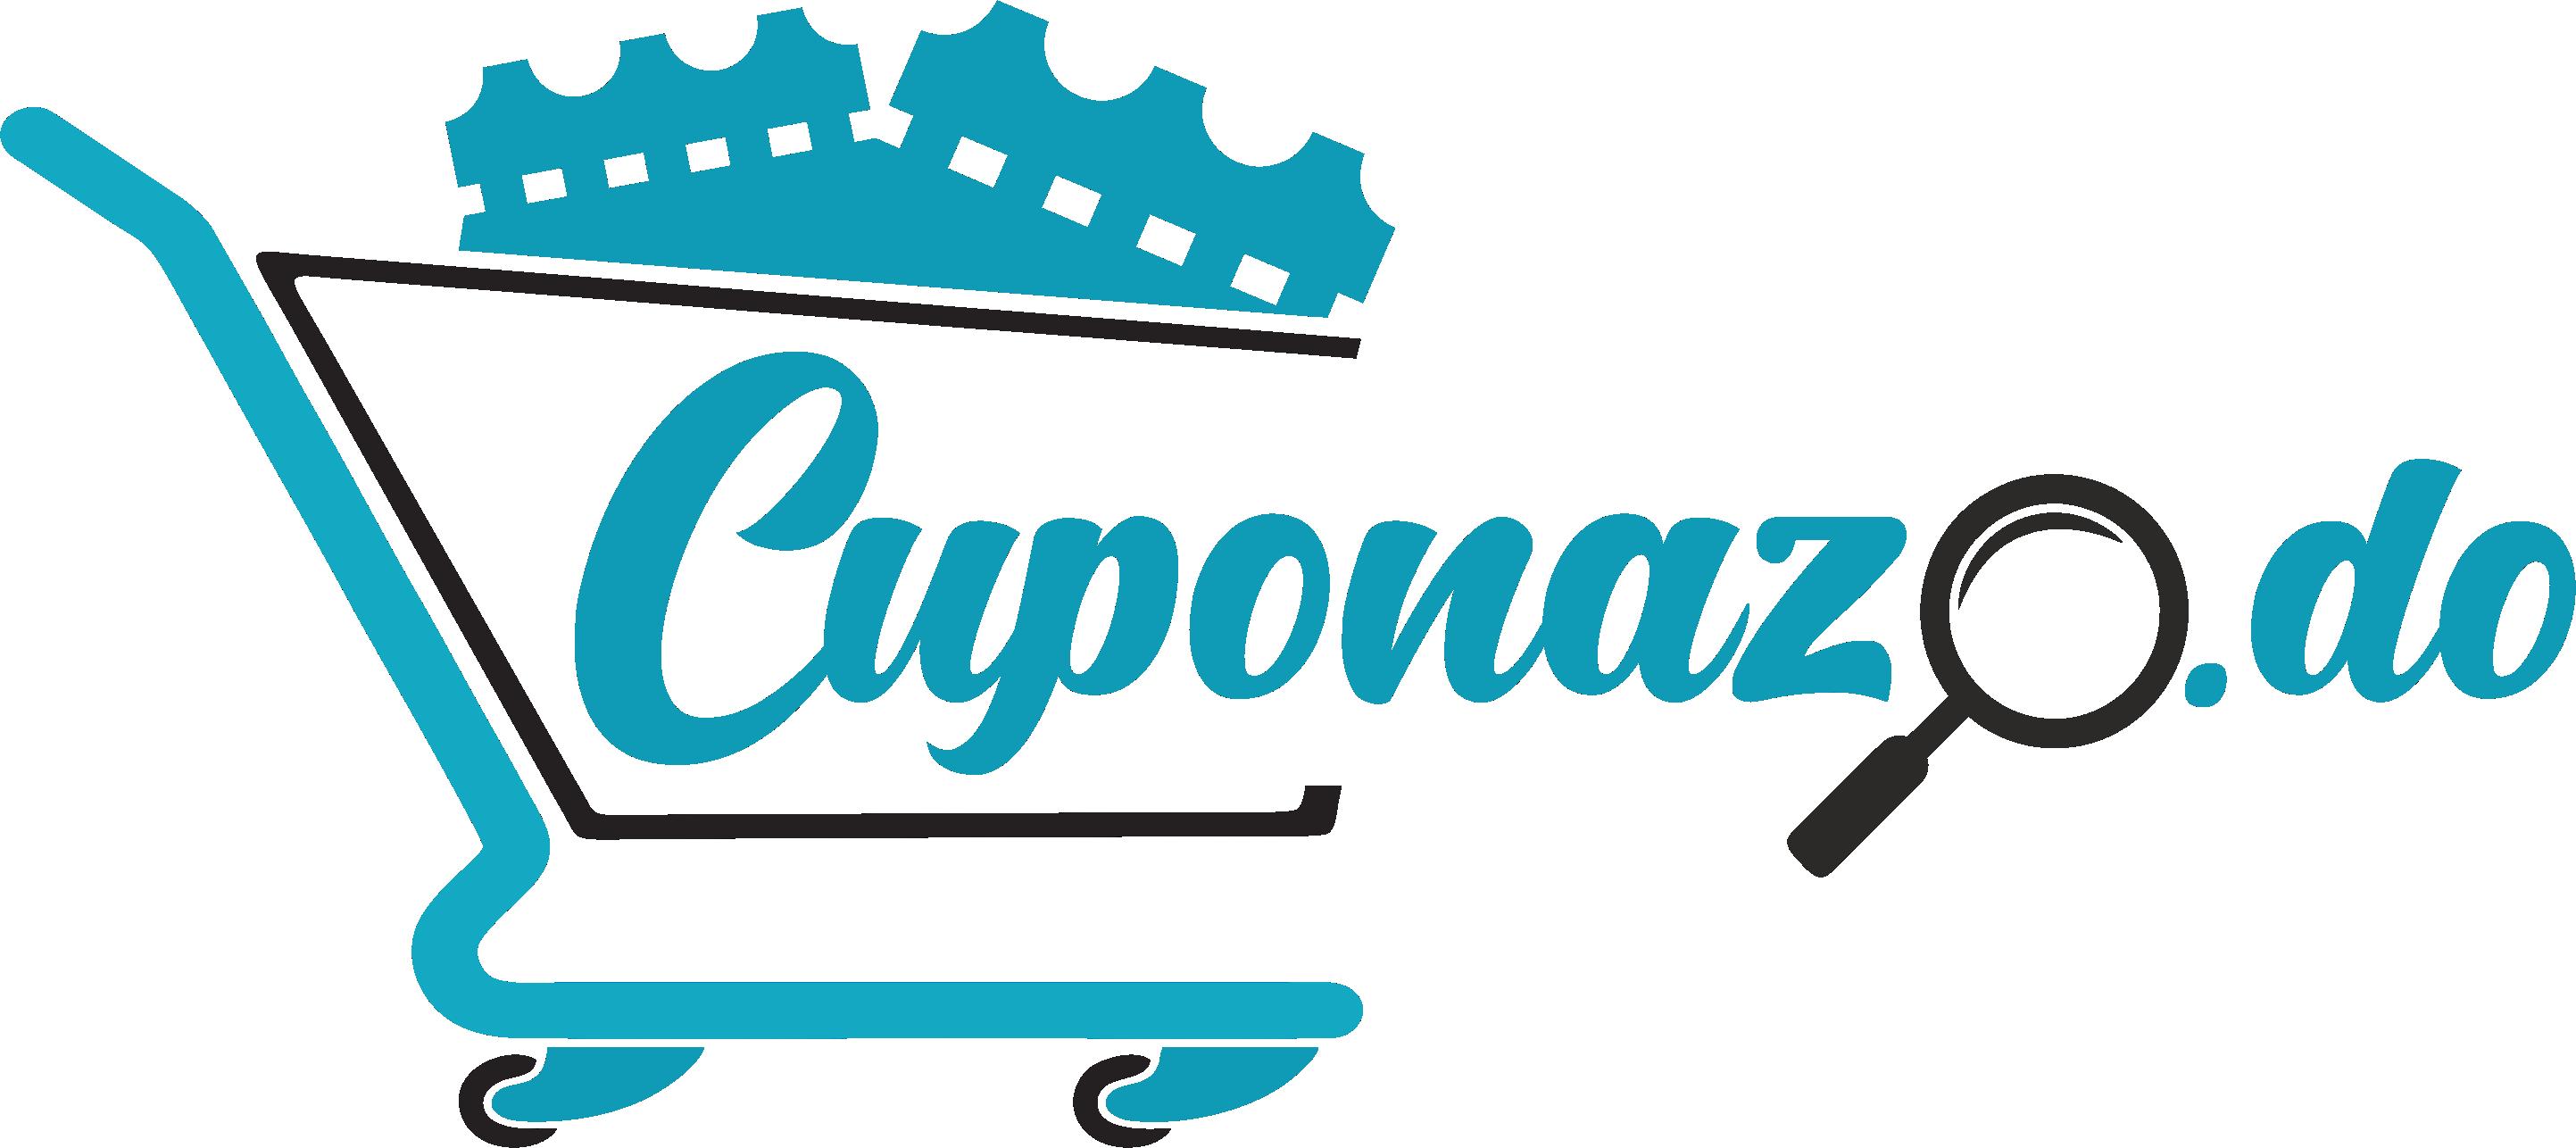 Cuponazo logo